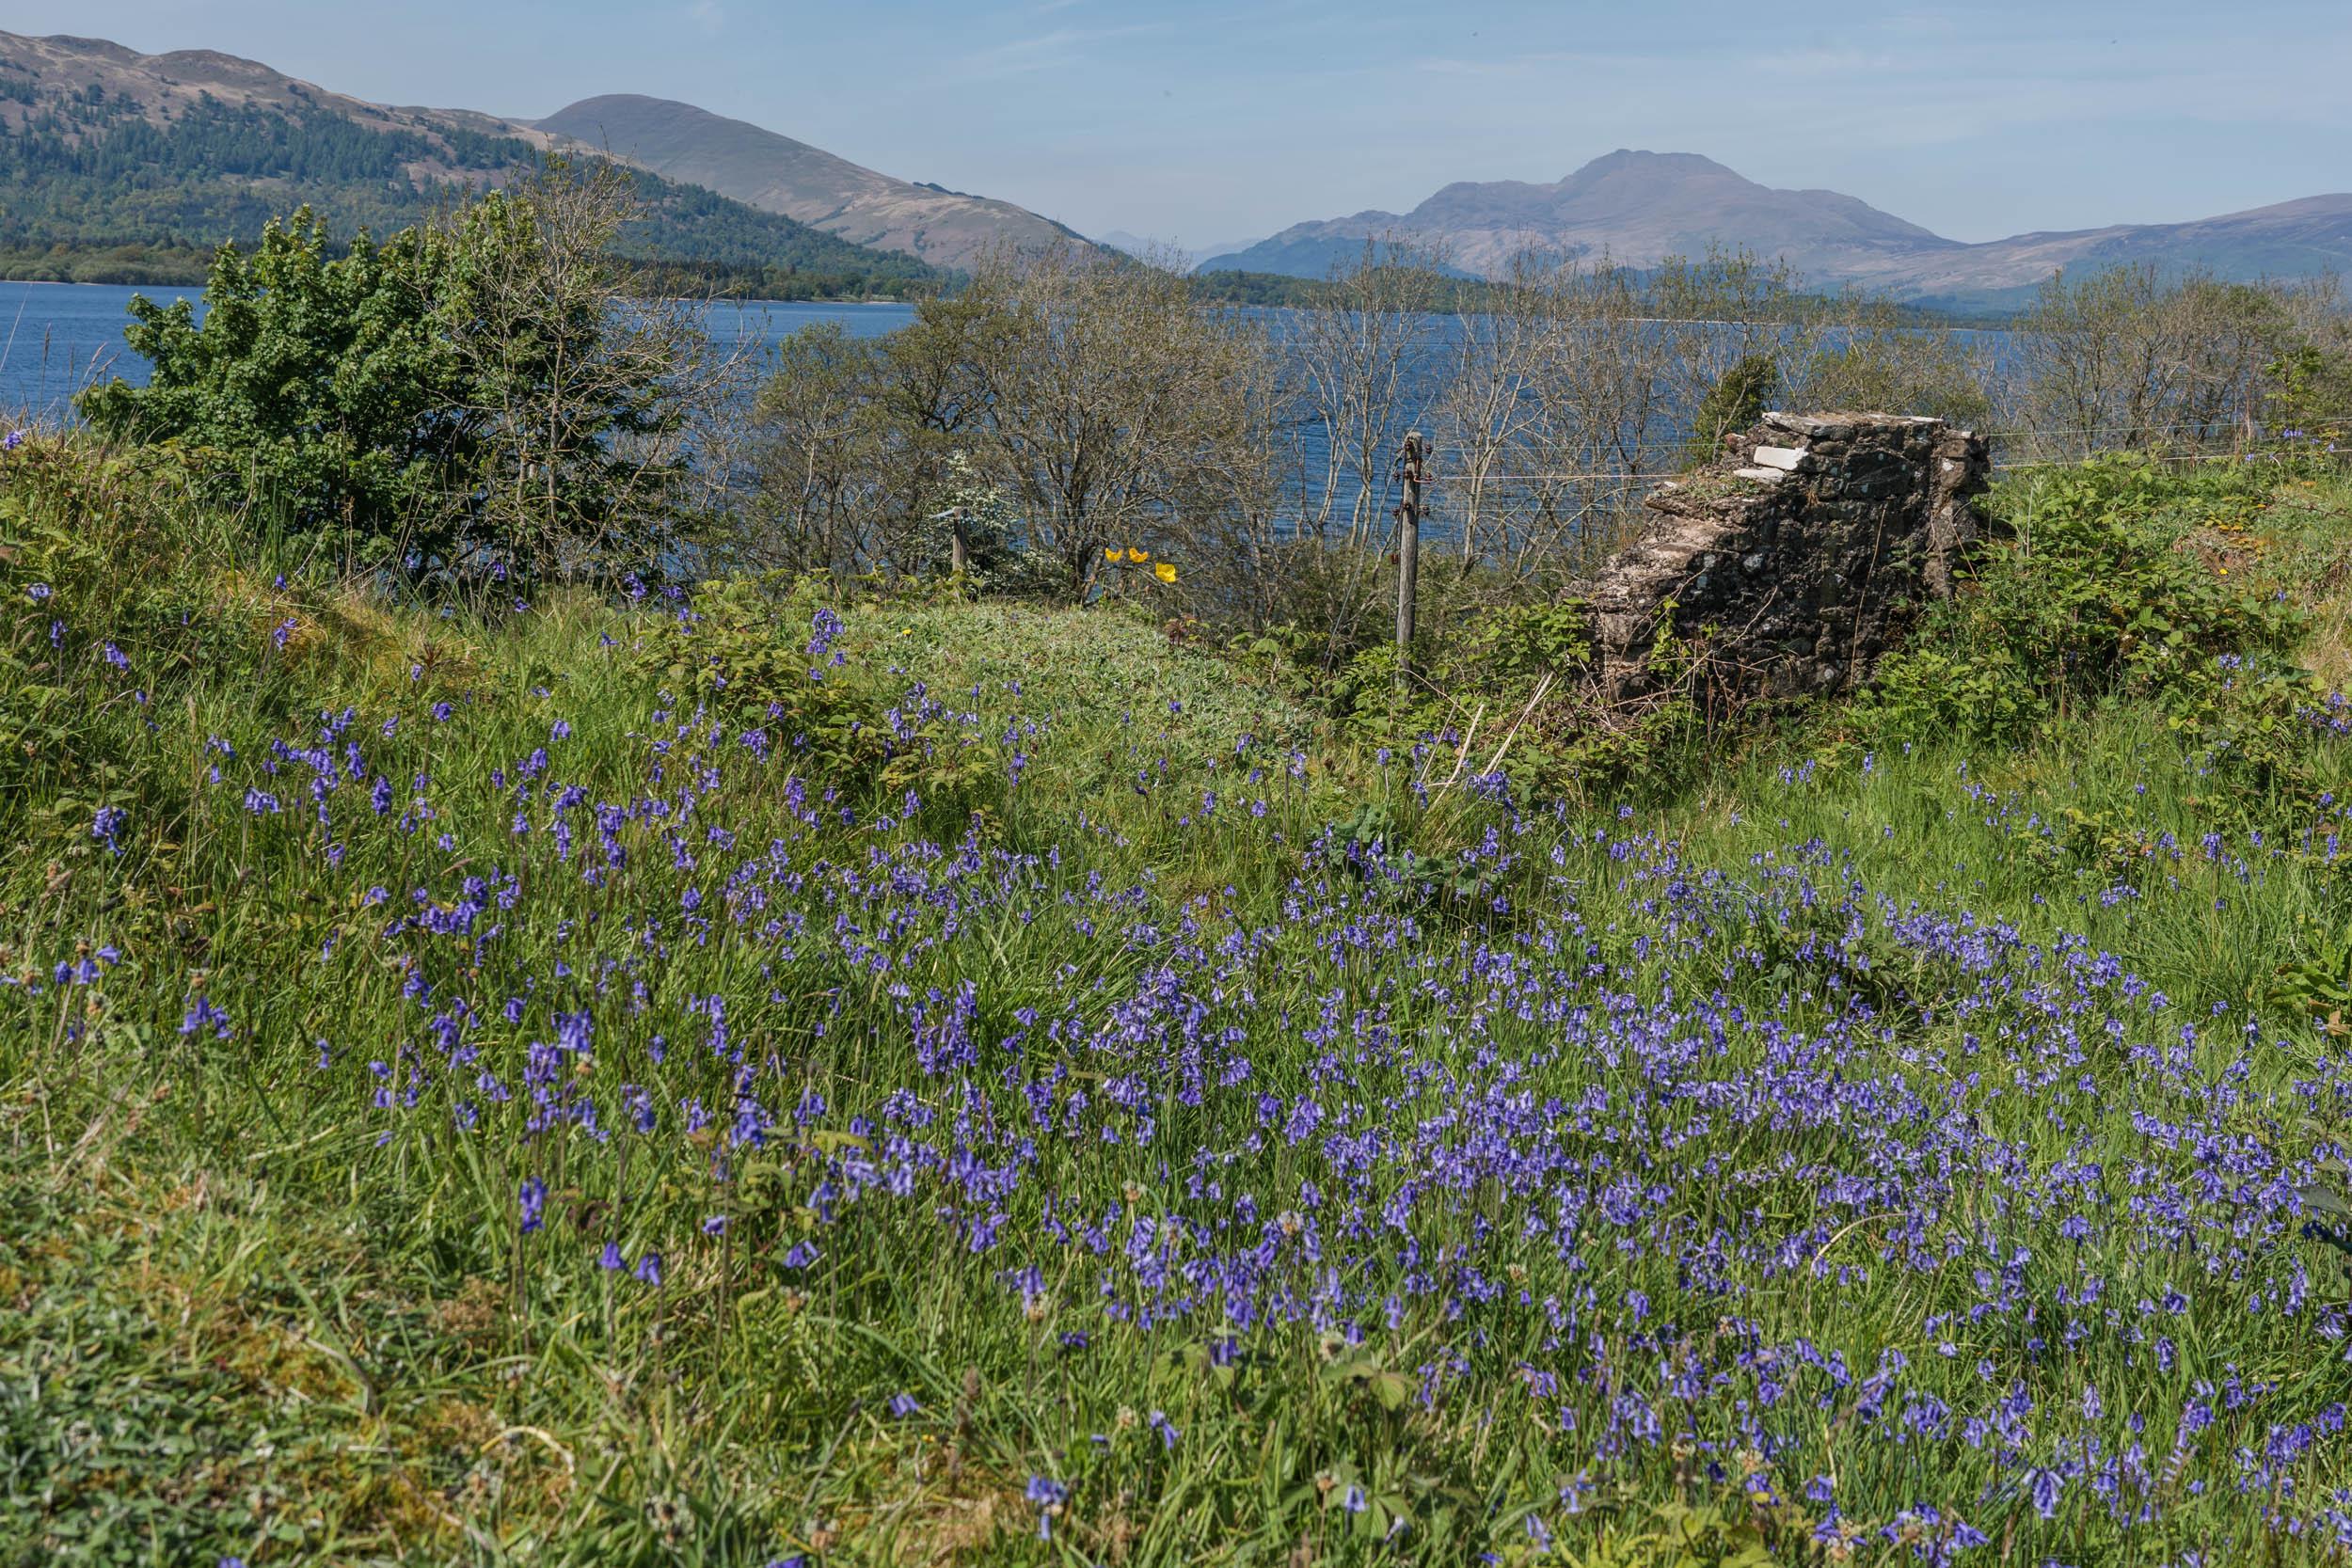 Inchmurrin Island, Loch Lomond